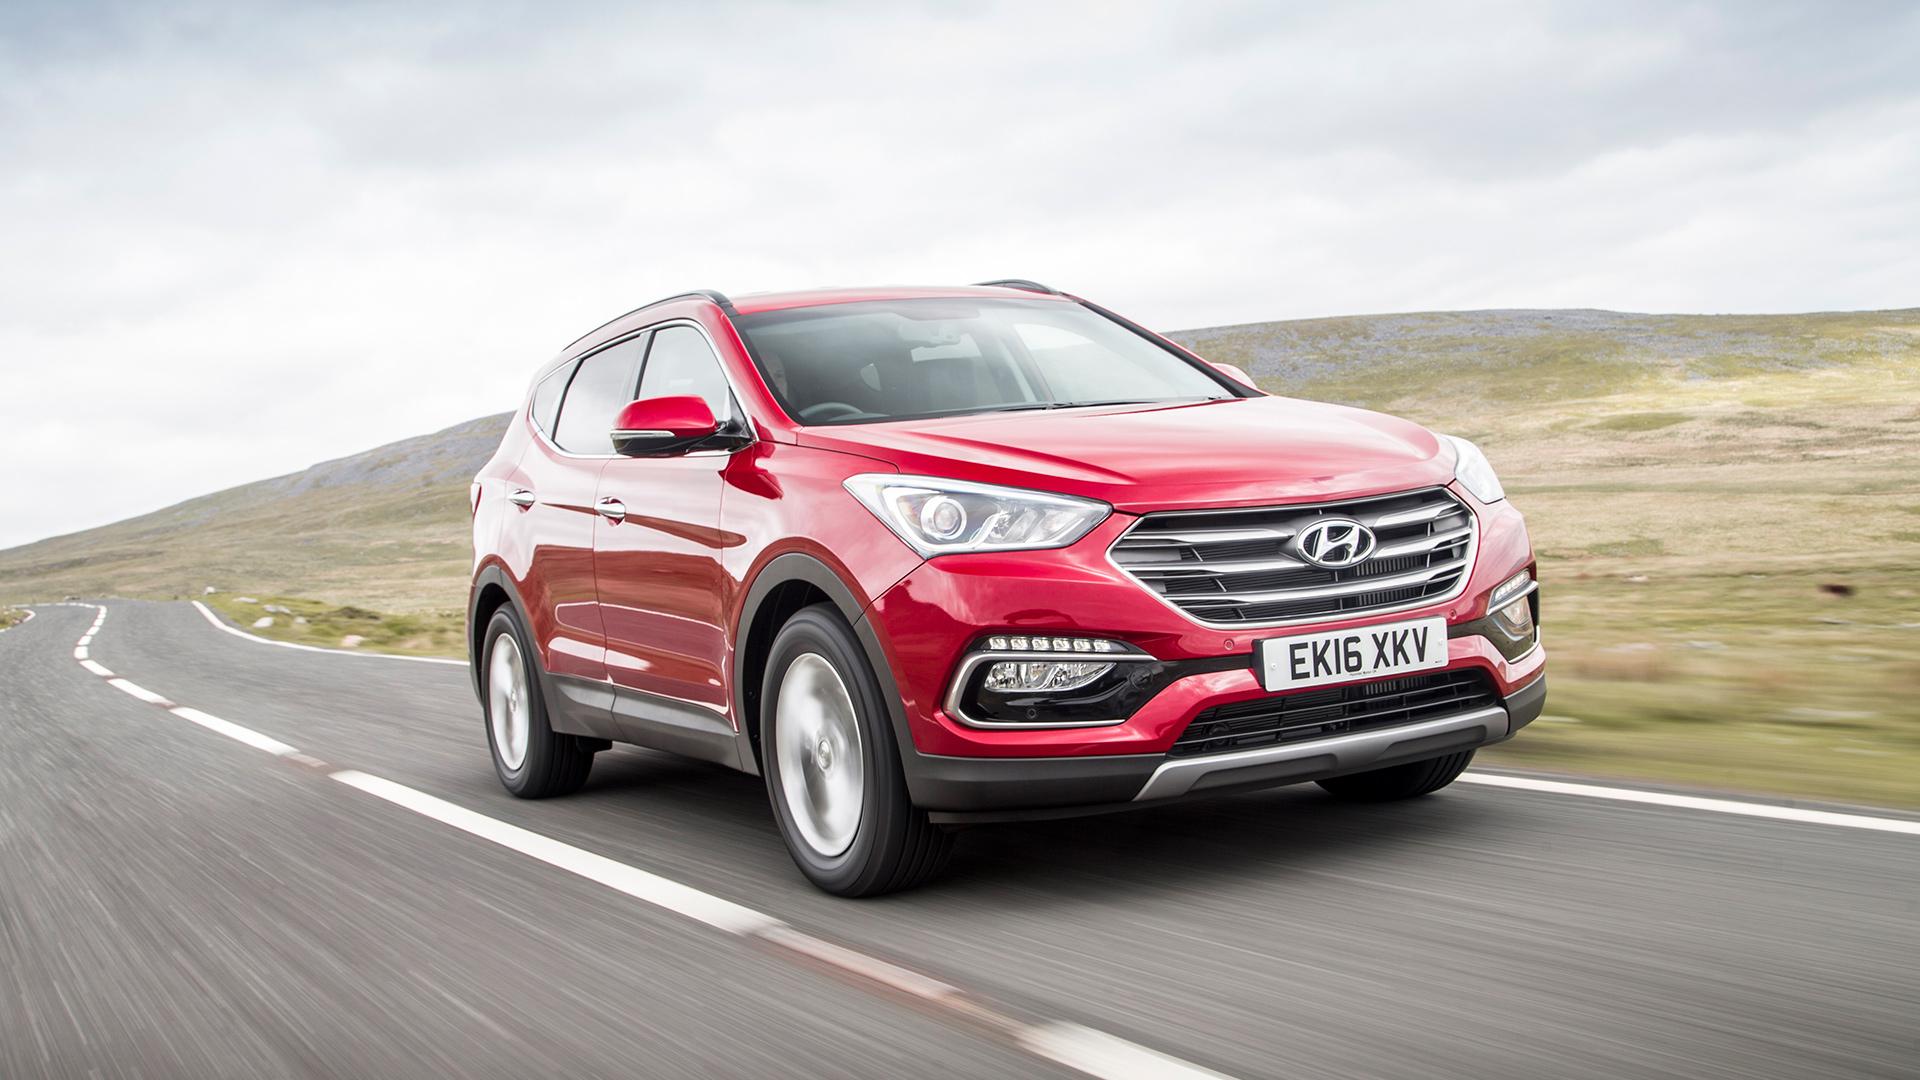 Hyundai Santa Fe Suv 2015 Review Auto Trader Uk